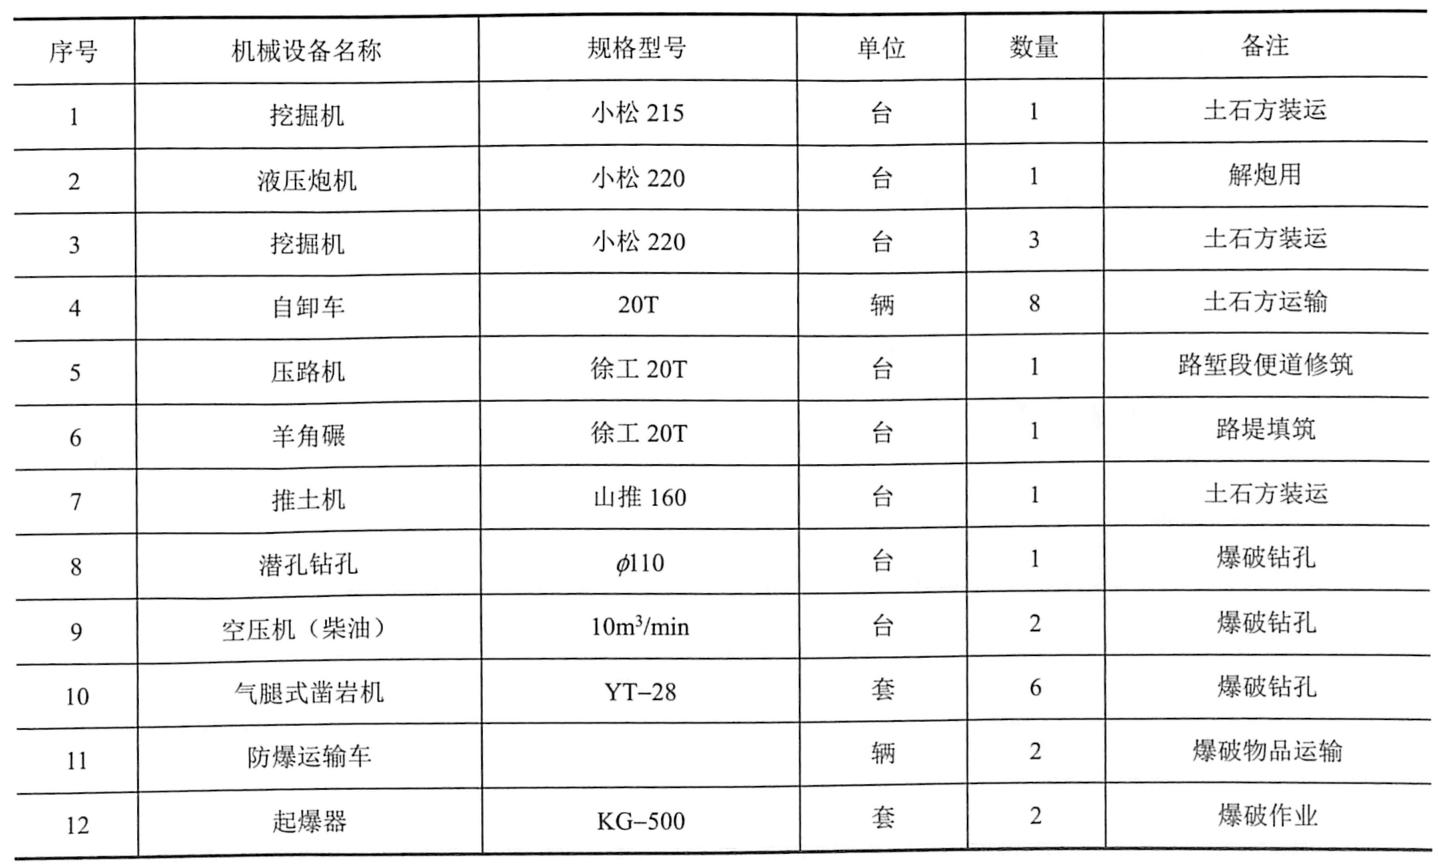 表9-18路堑开挖施工主要机械设备配置表